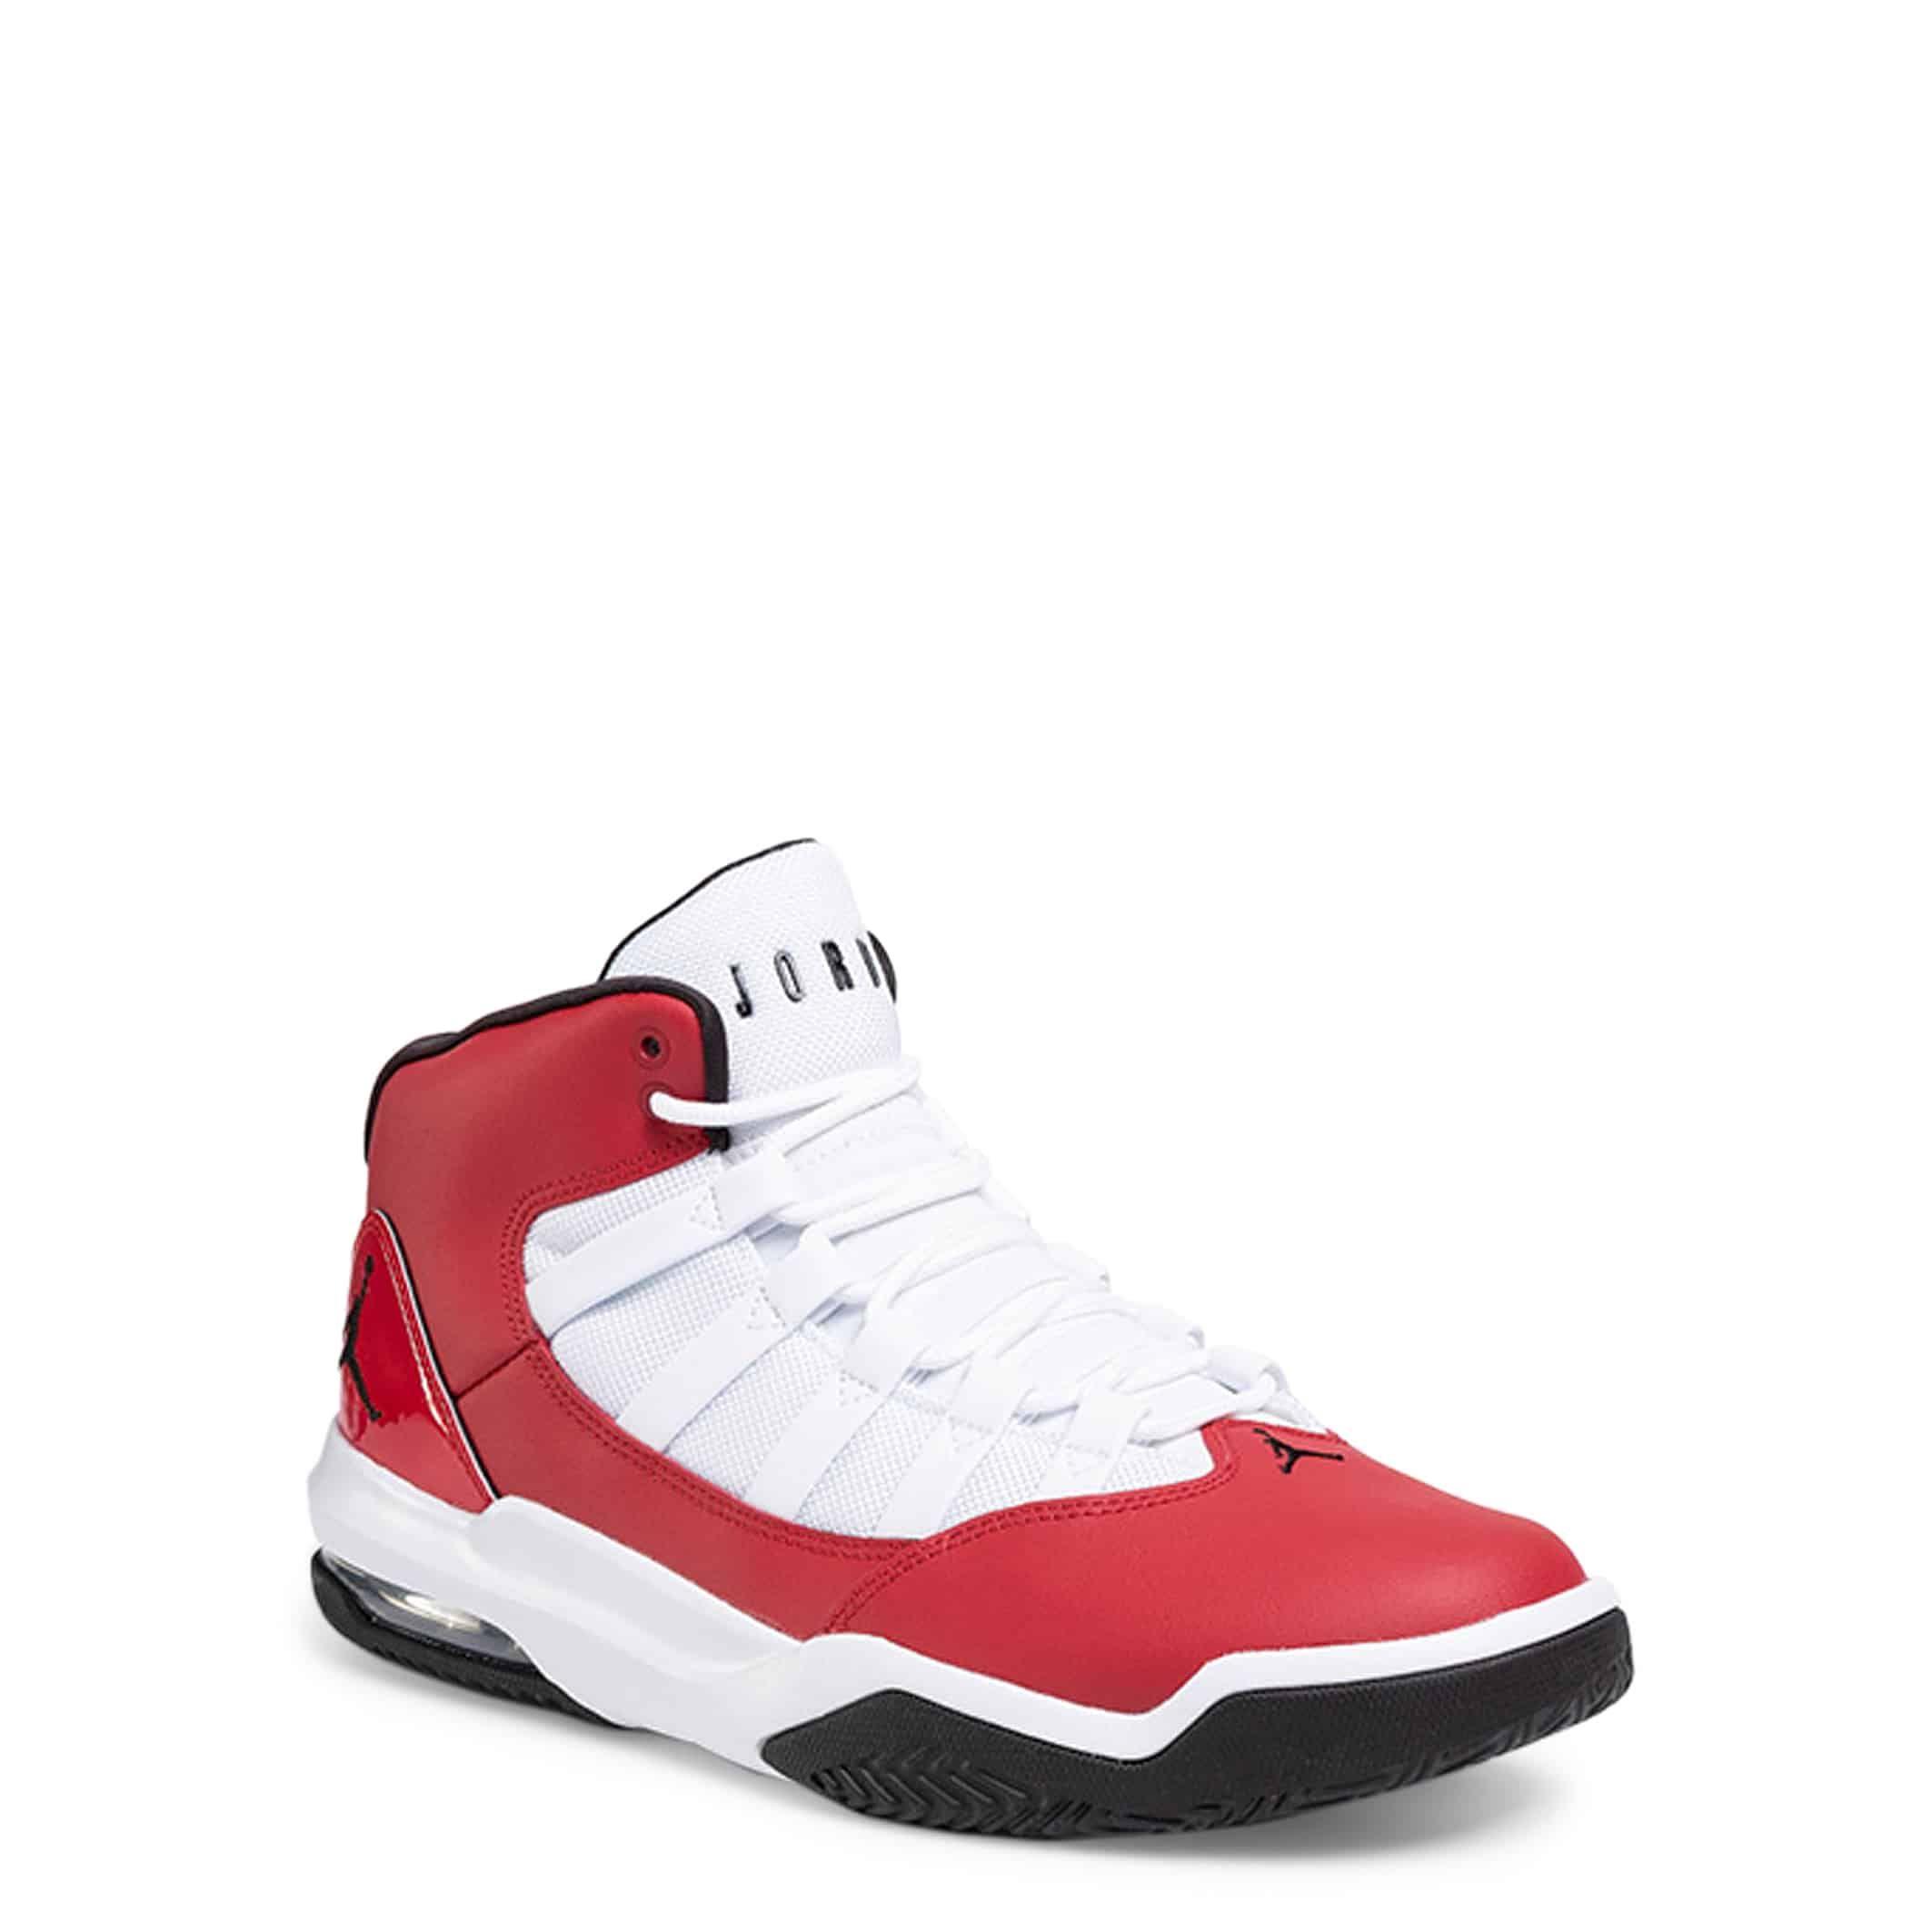 Sneakers Nike – JordanMaxAura-AQ9084